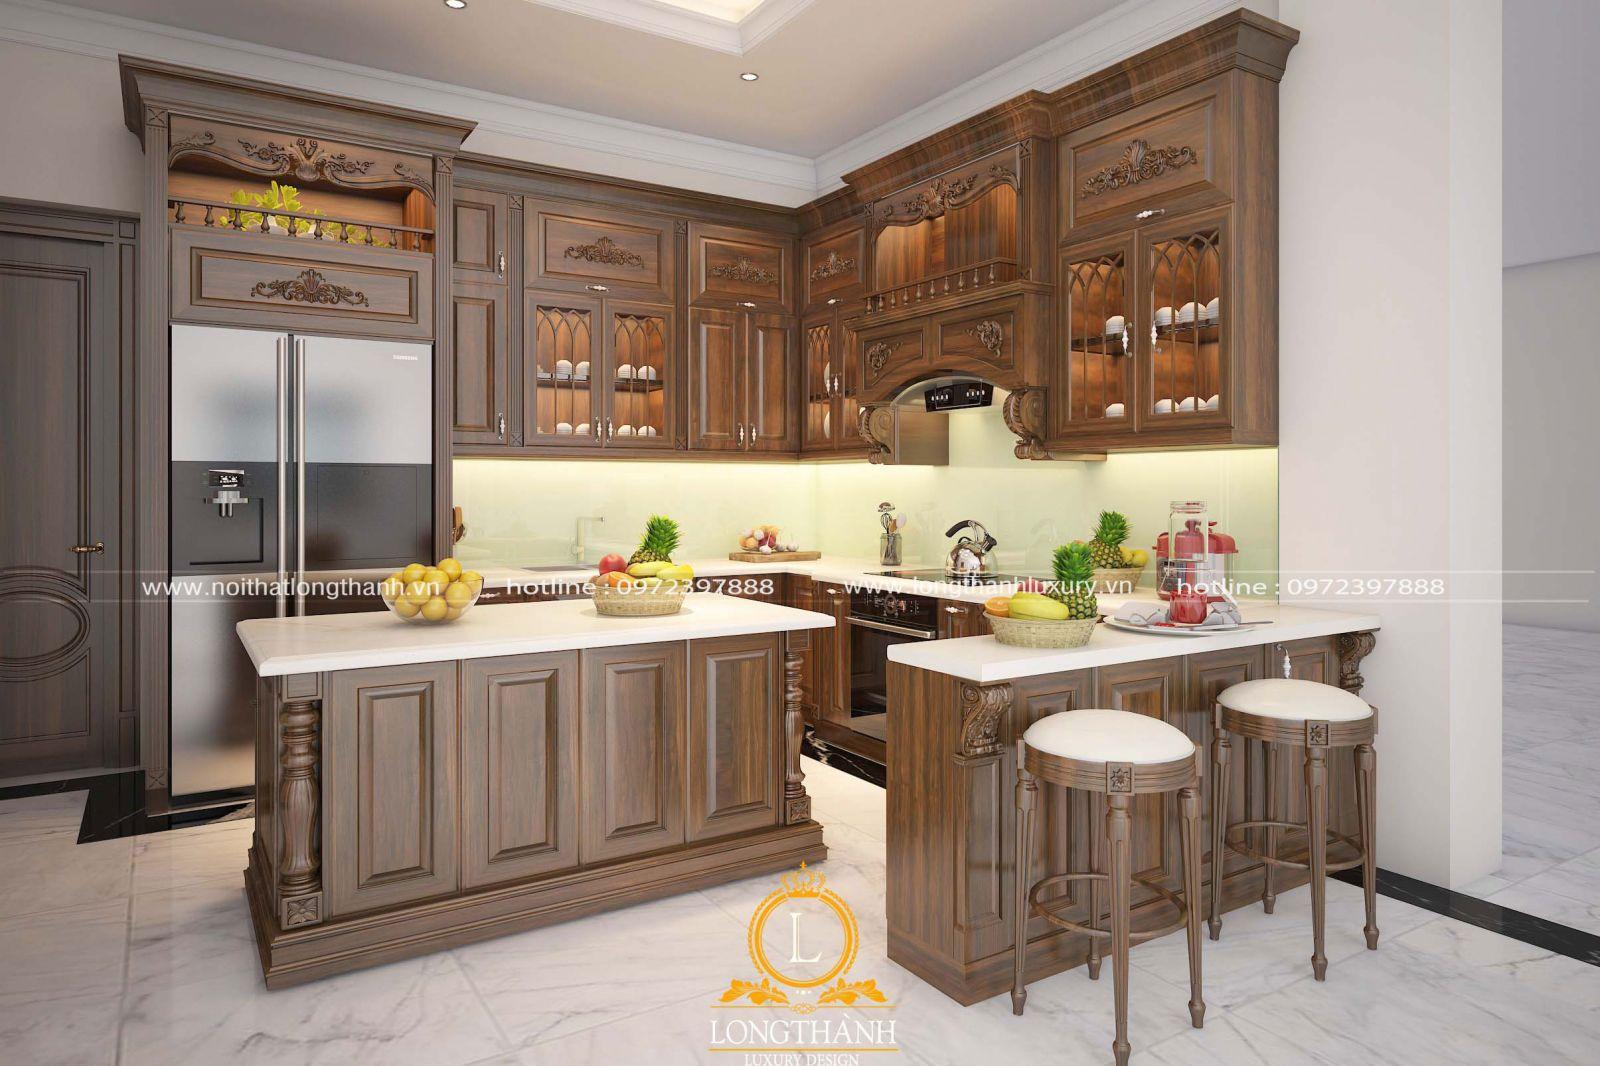 Tủ bếp với kích thước chuẩn và phong thủy là yêu cầu bắt buộc tại Long Thành